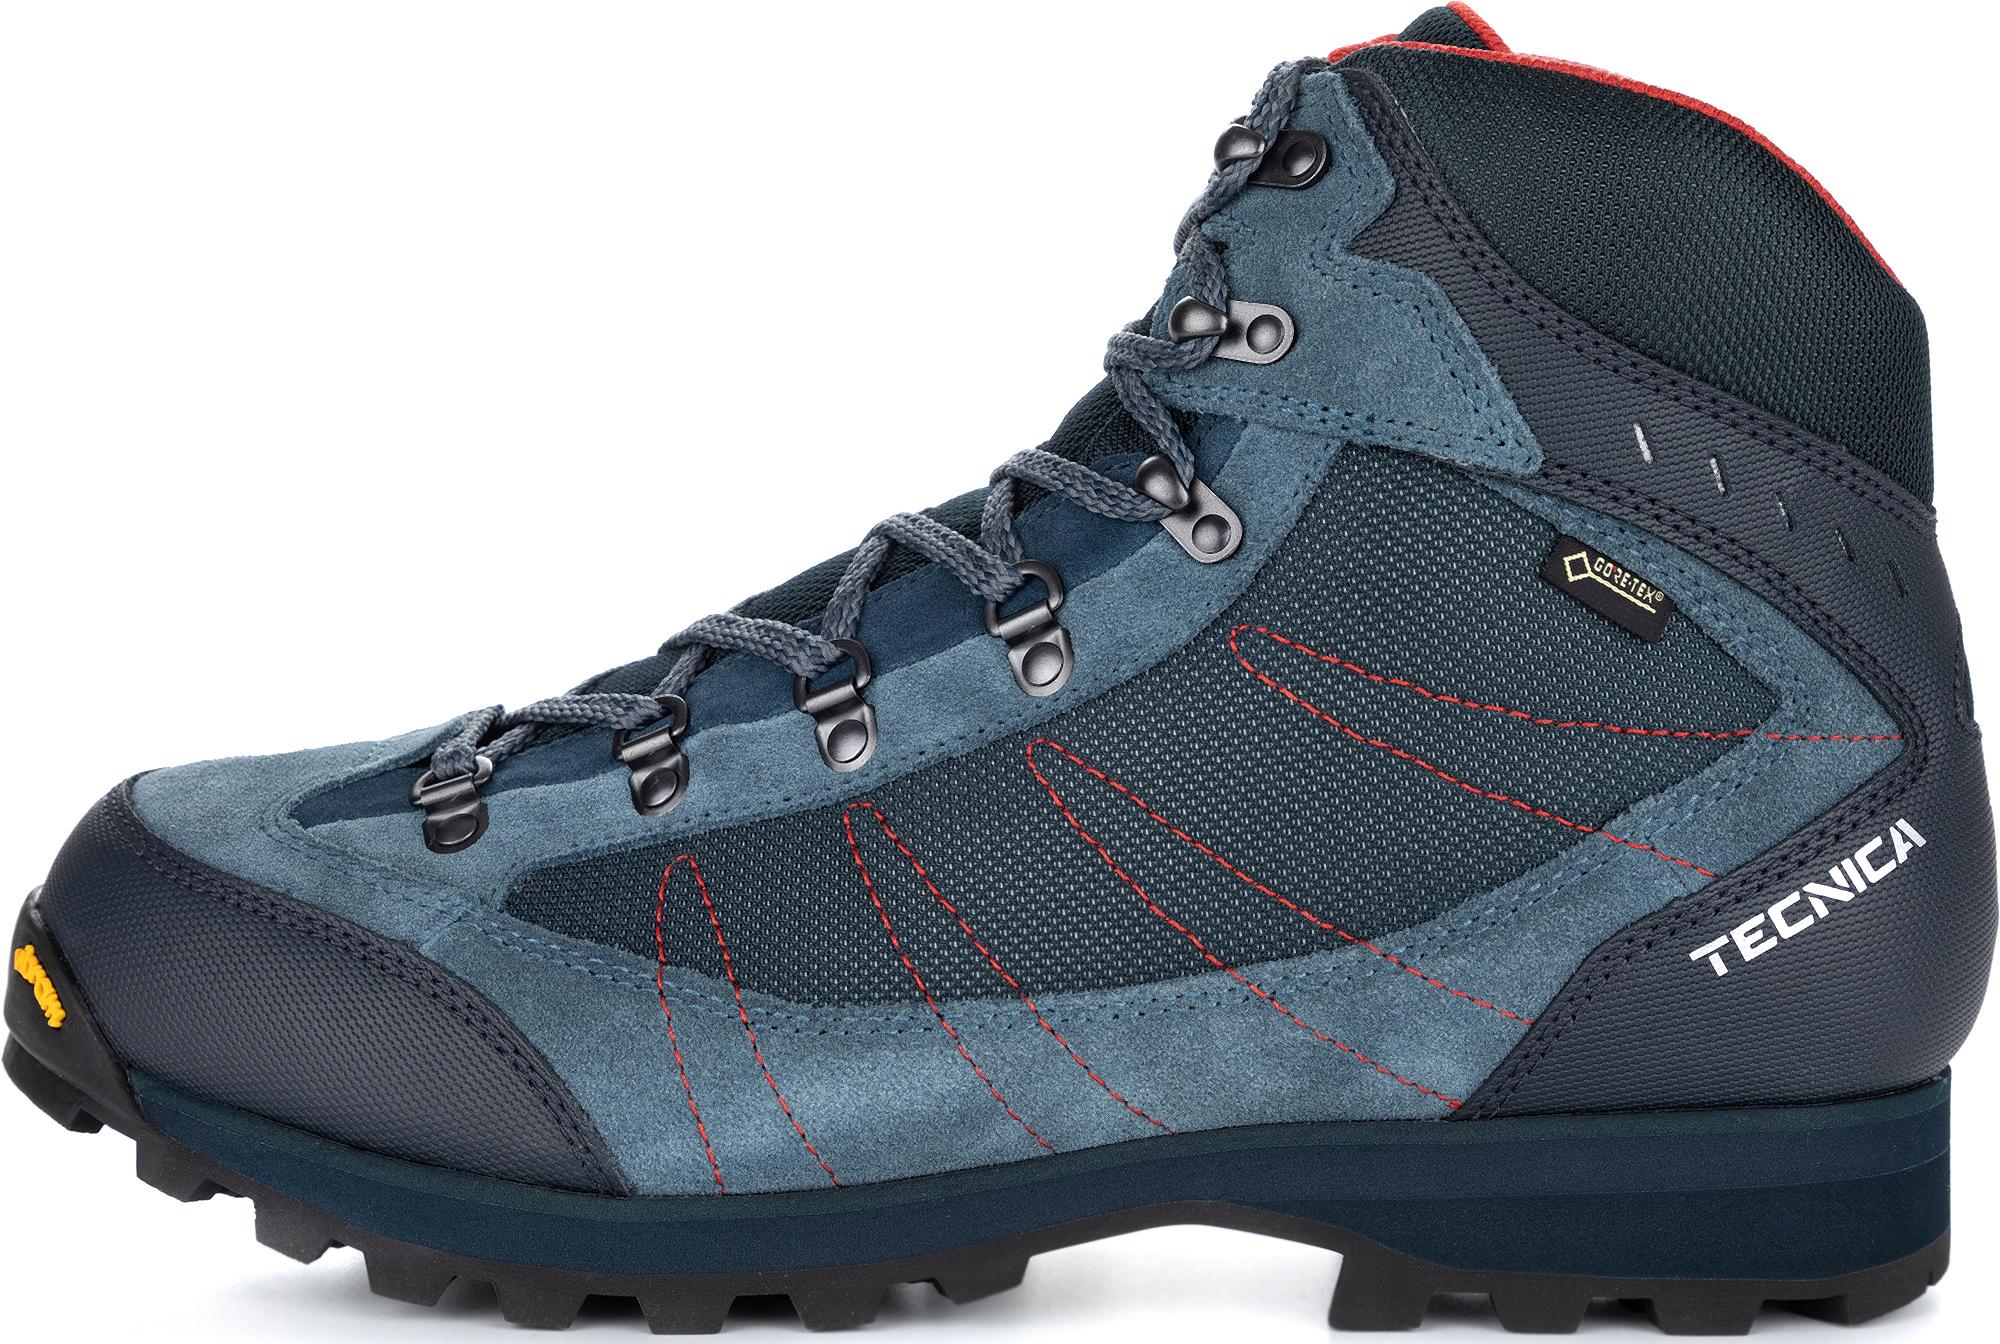 Tecnica Ботинки мужские Tecnica Makalu Iv Gtx, размер 46 цена